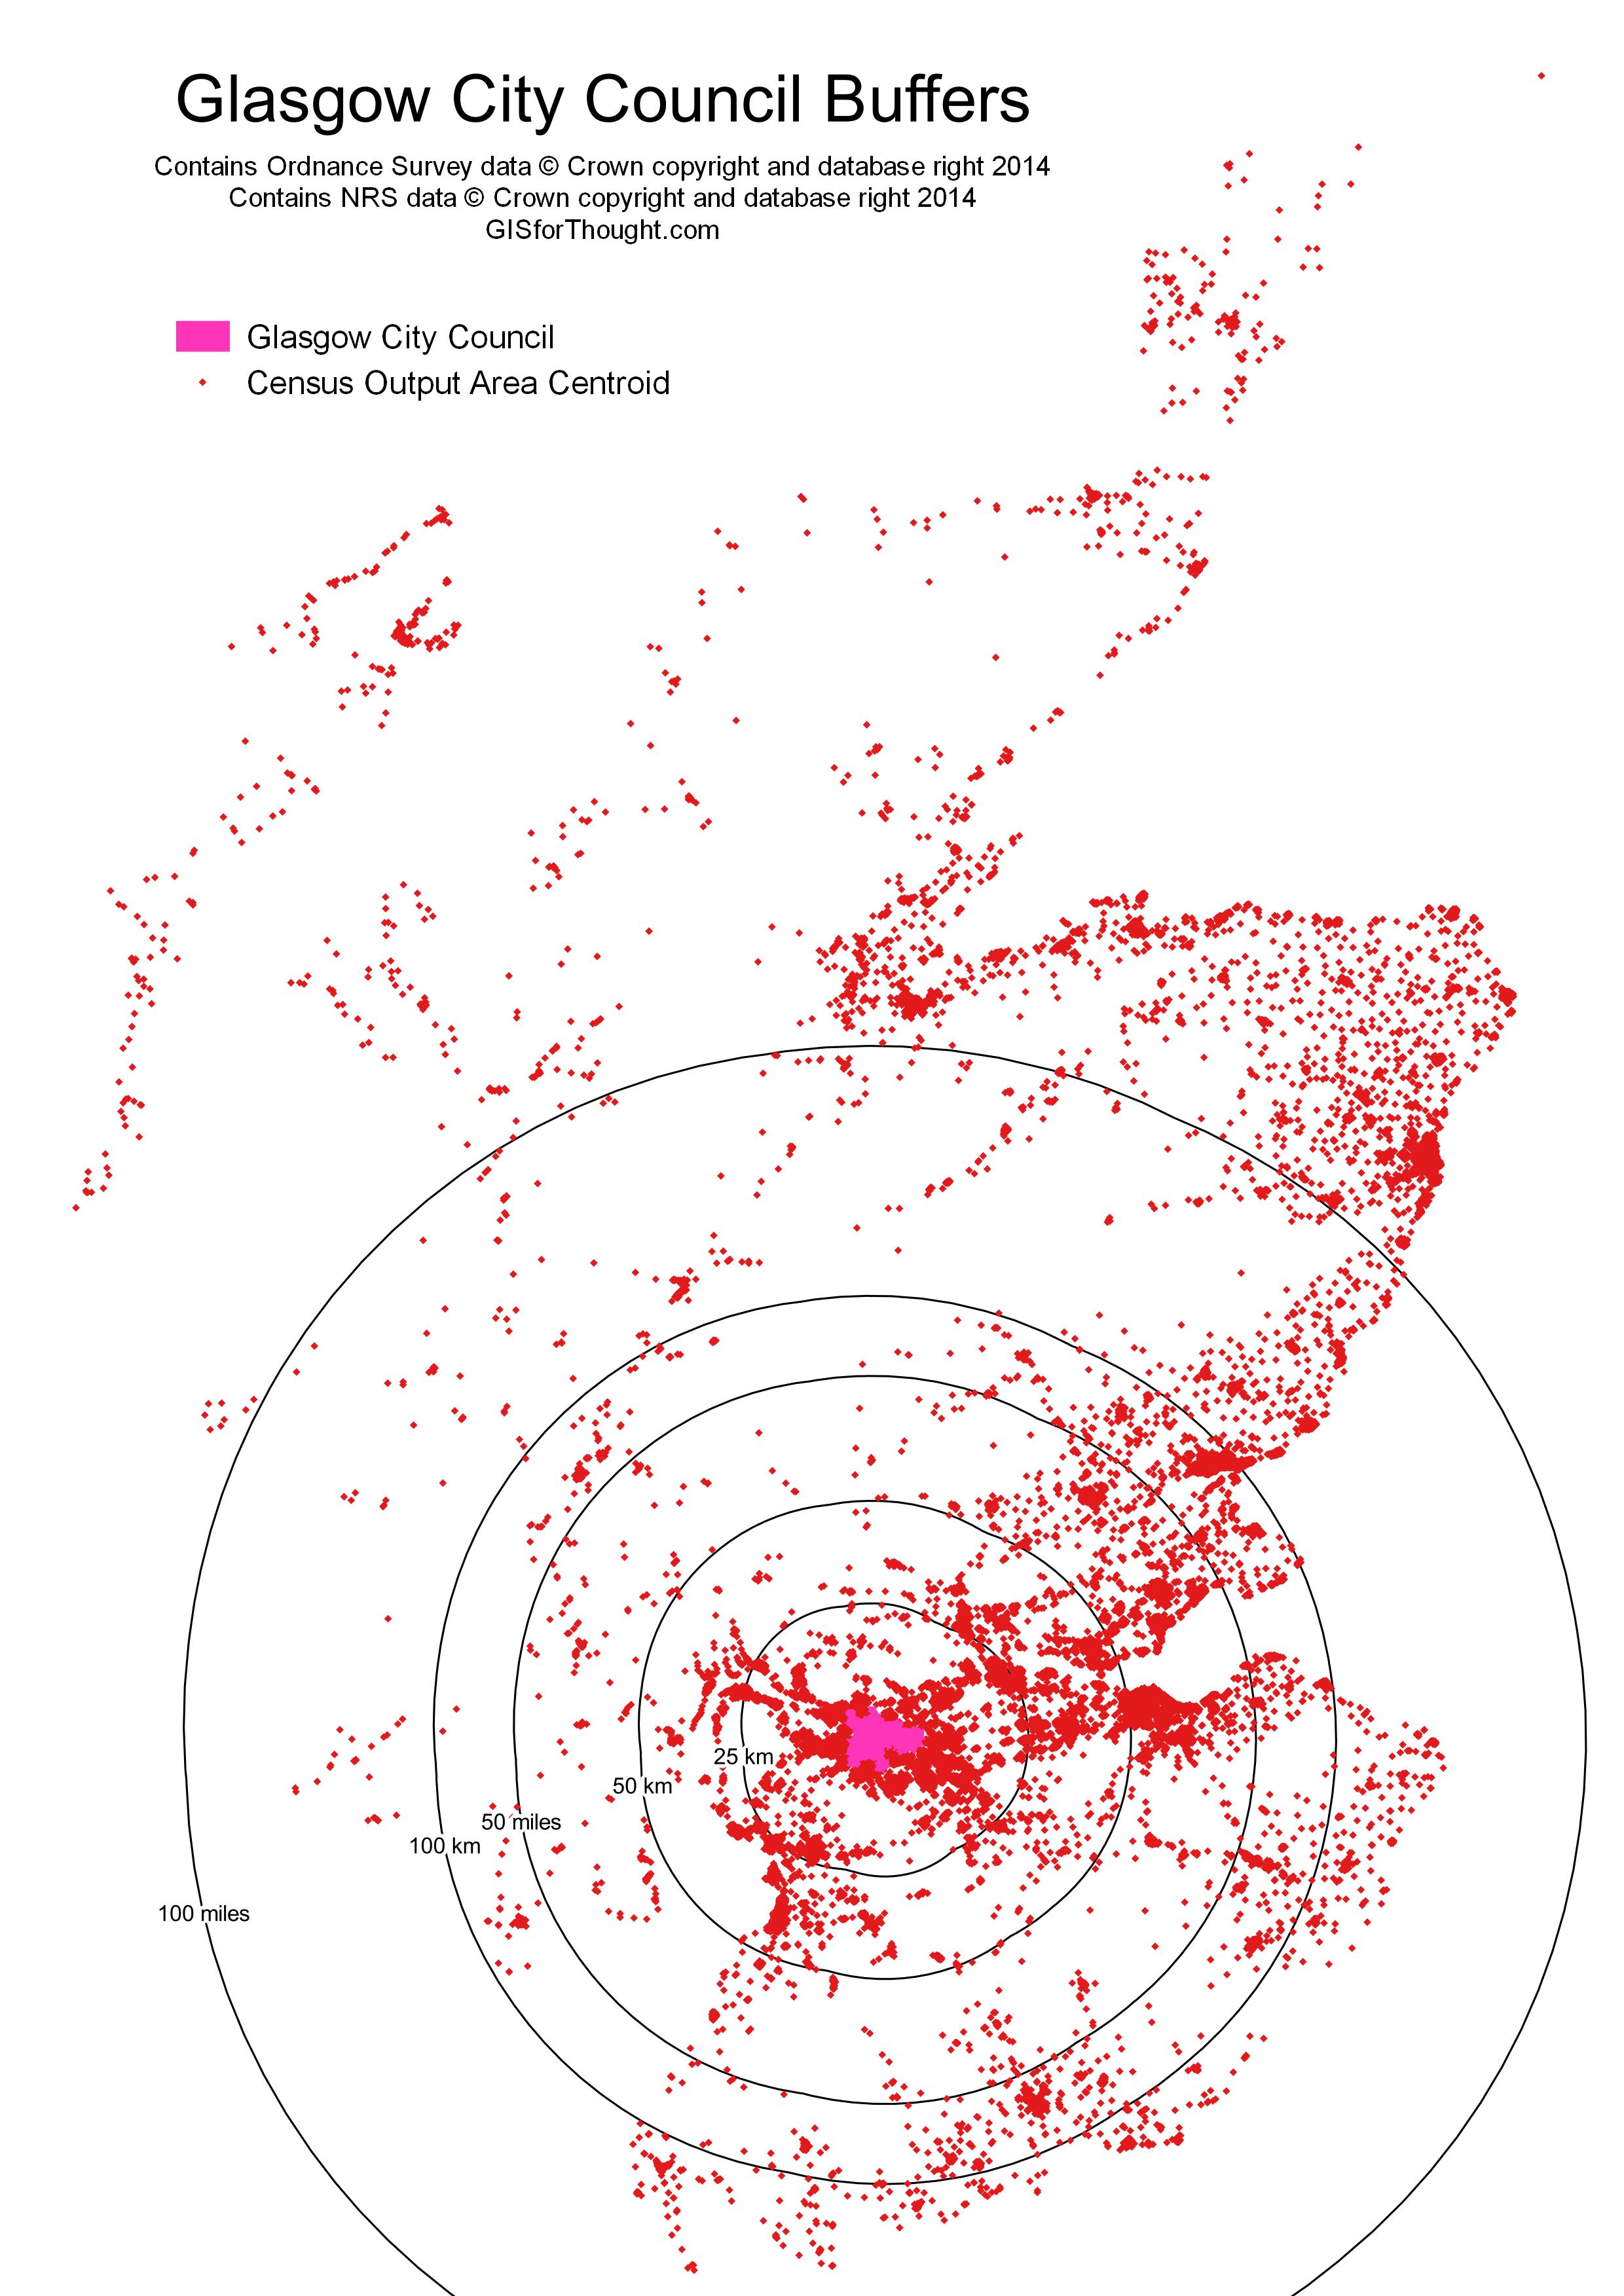 Population buffers around Glasgow